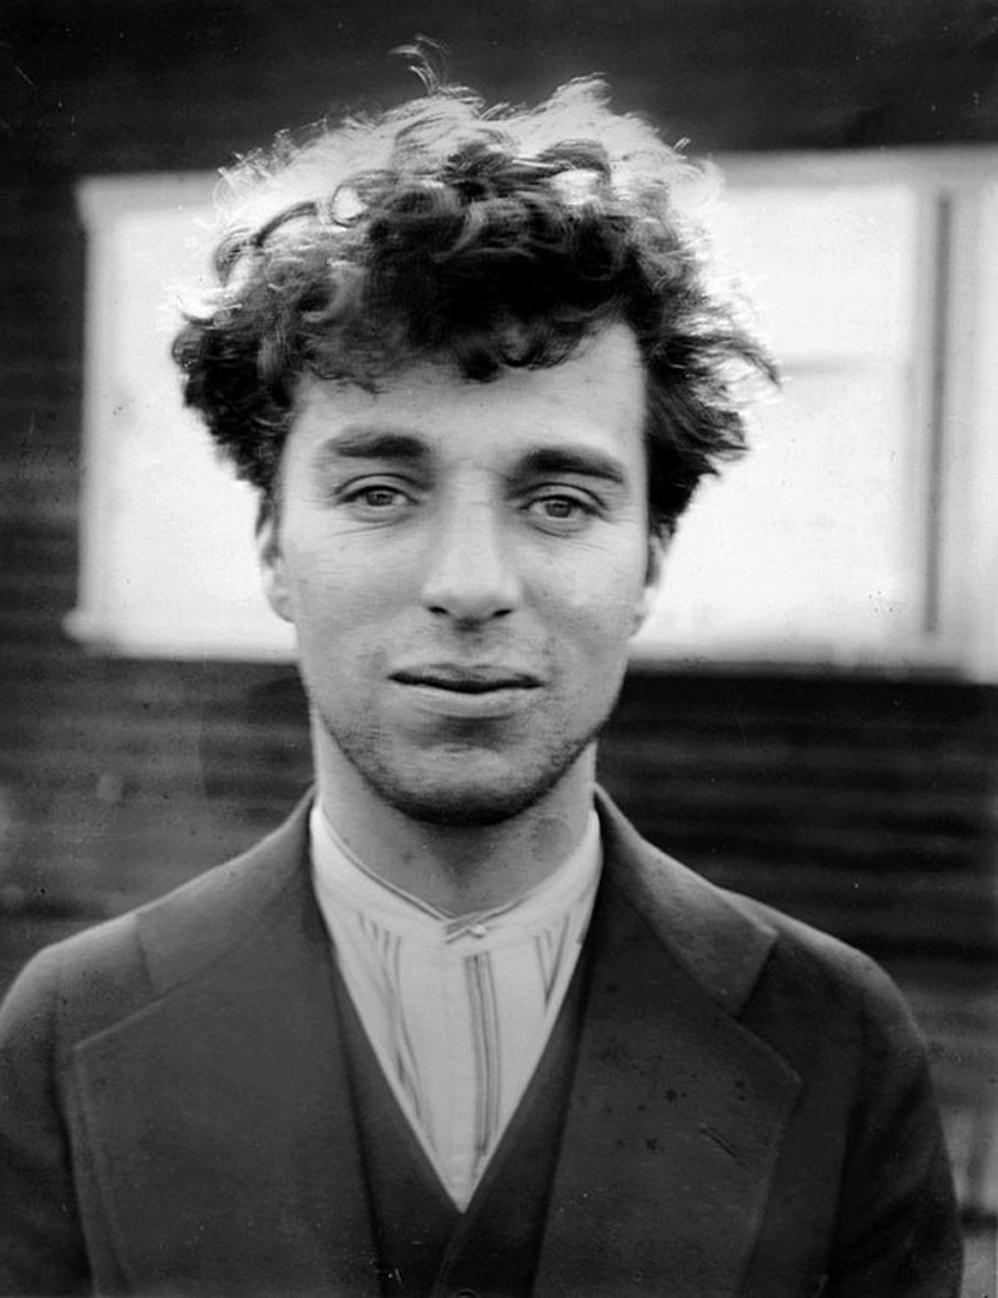 Charlie Chaplin a la edad de 27 años, 1916